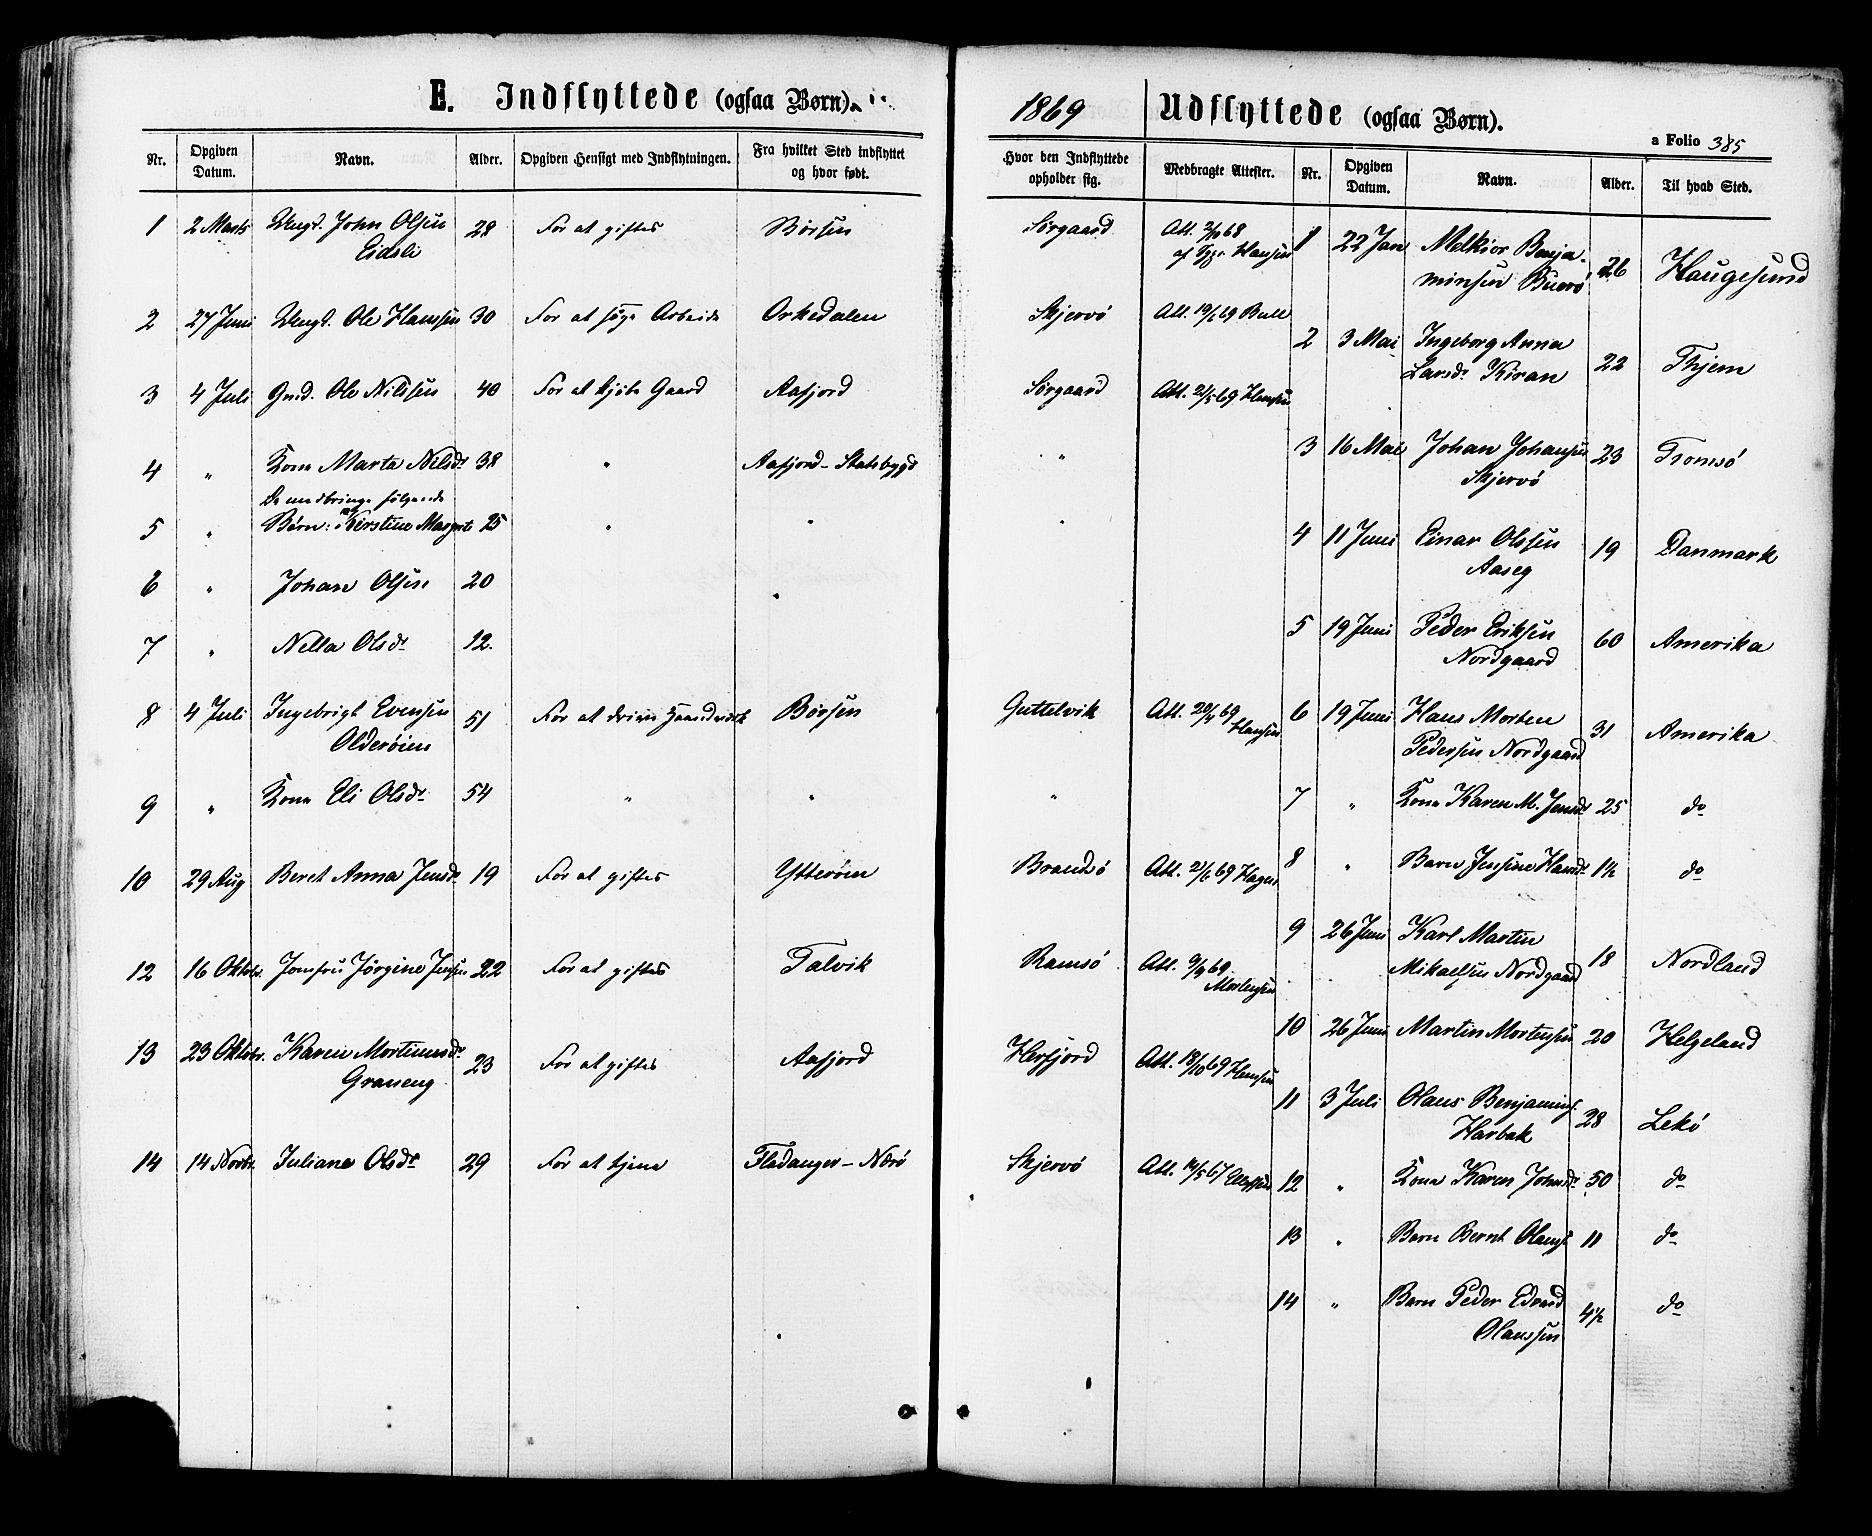 SAT, Ministerialprotokoller, klokkerbøker og fødselsregistre - Sør-Trøndelag, 657/L0706: Ministerialbok nr. 657A07, 1867-1878, s. 385